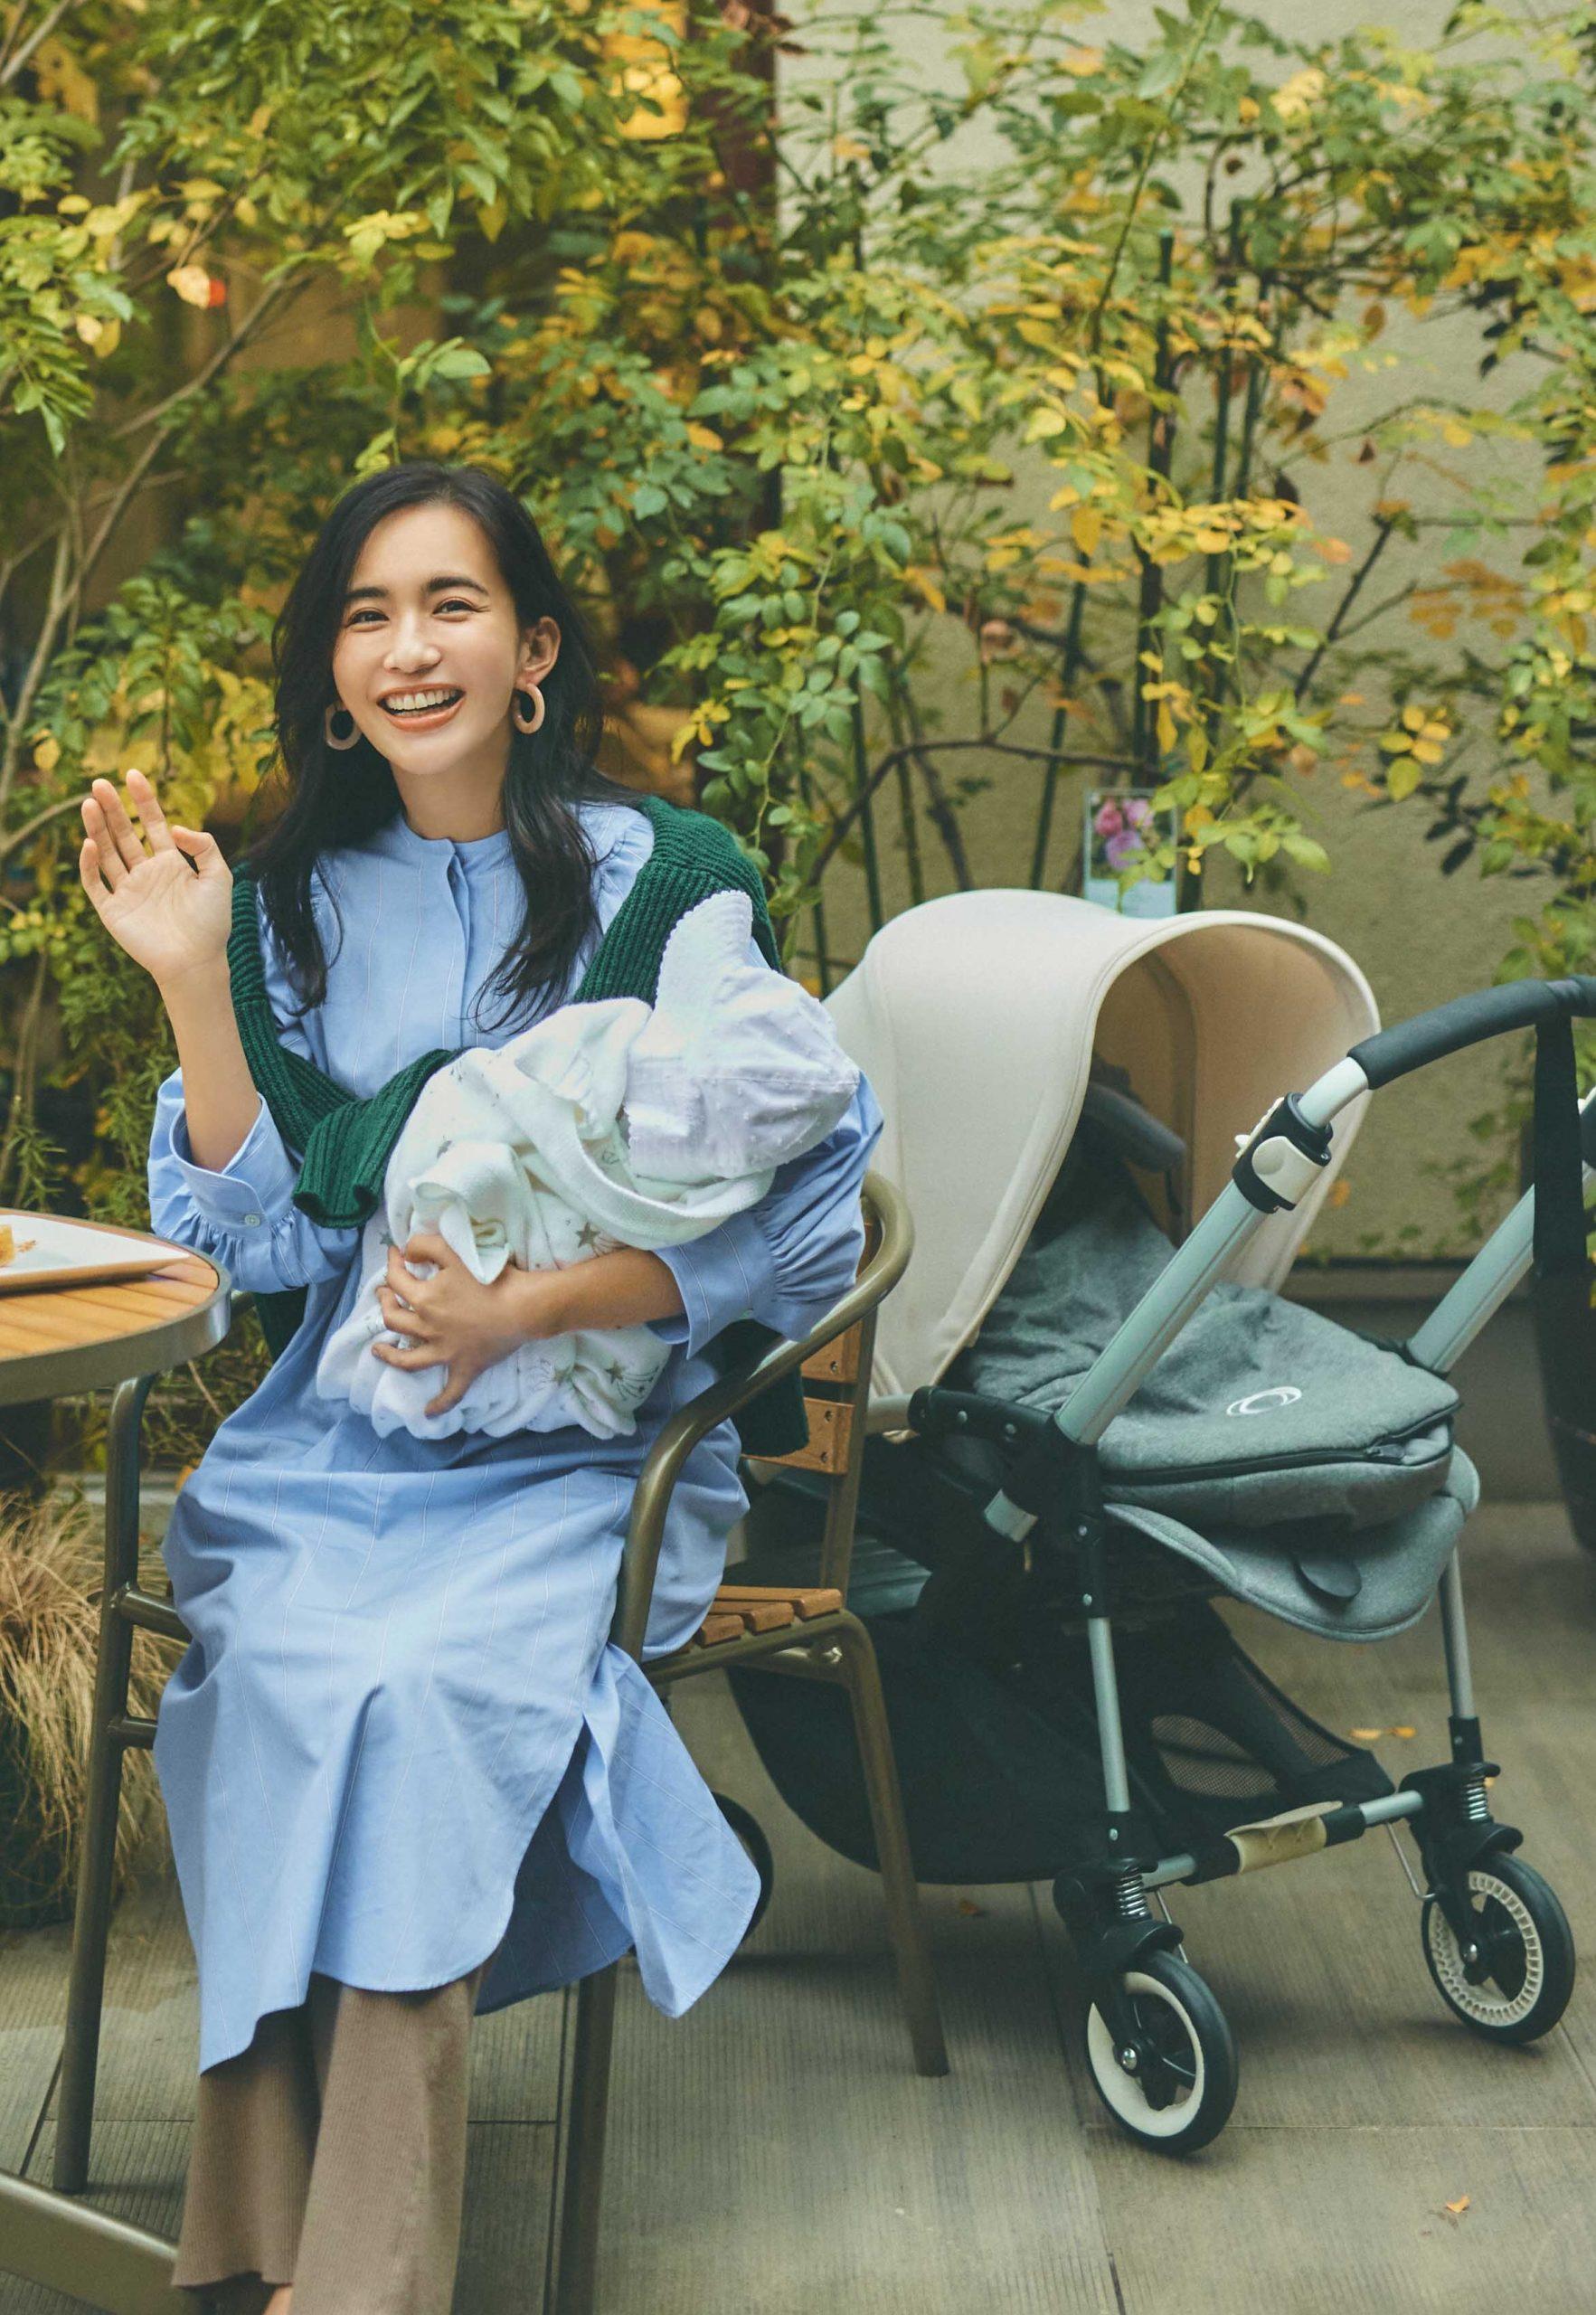 【マタニティ・産後用ワンピース10選】入院バッグに一枚は必要!